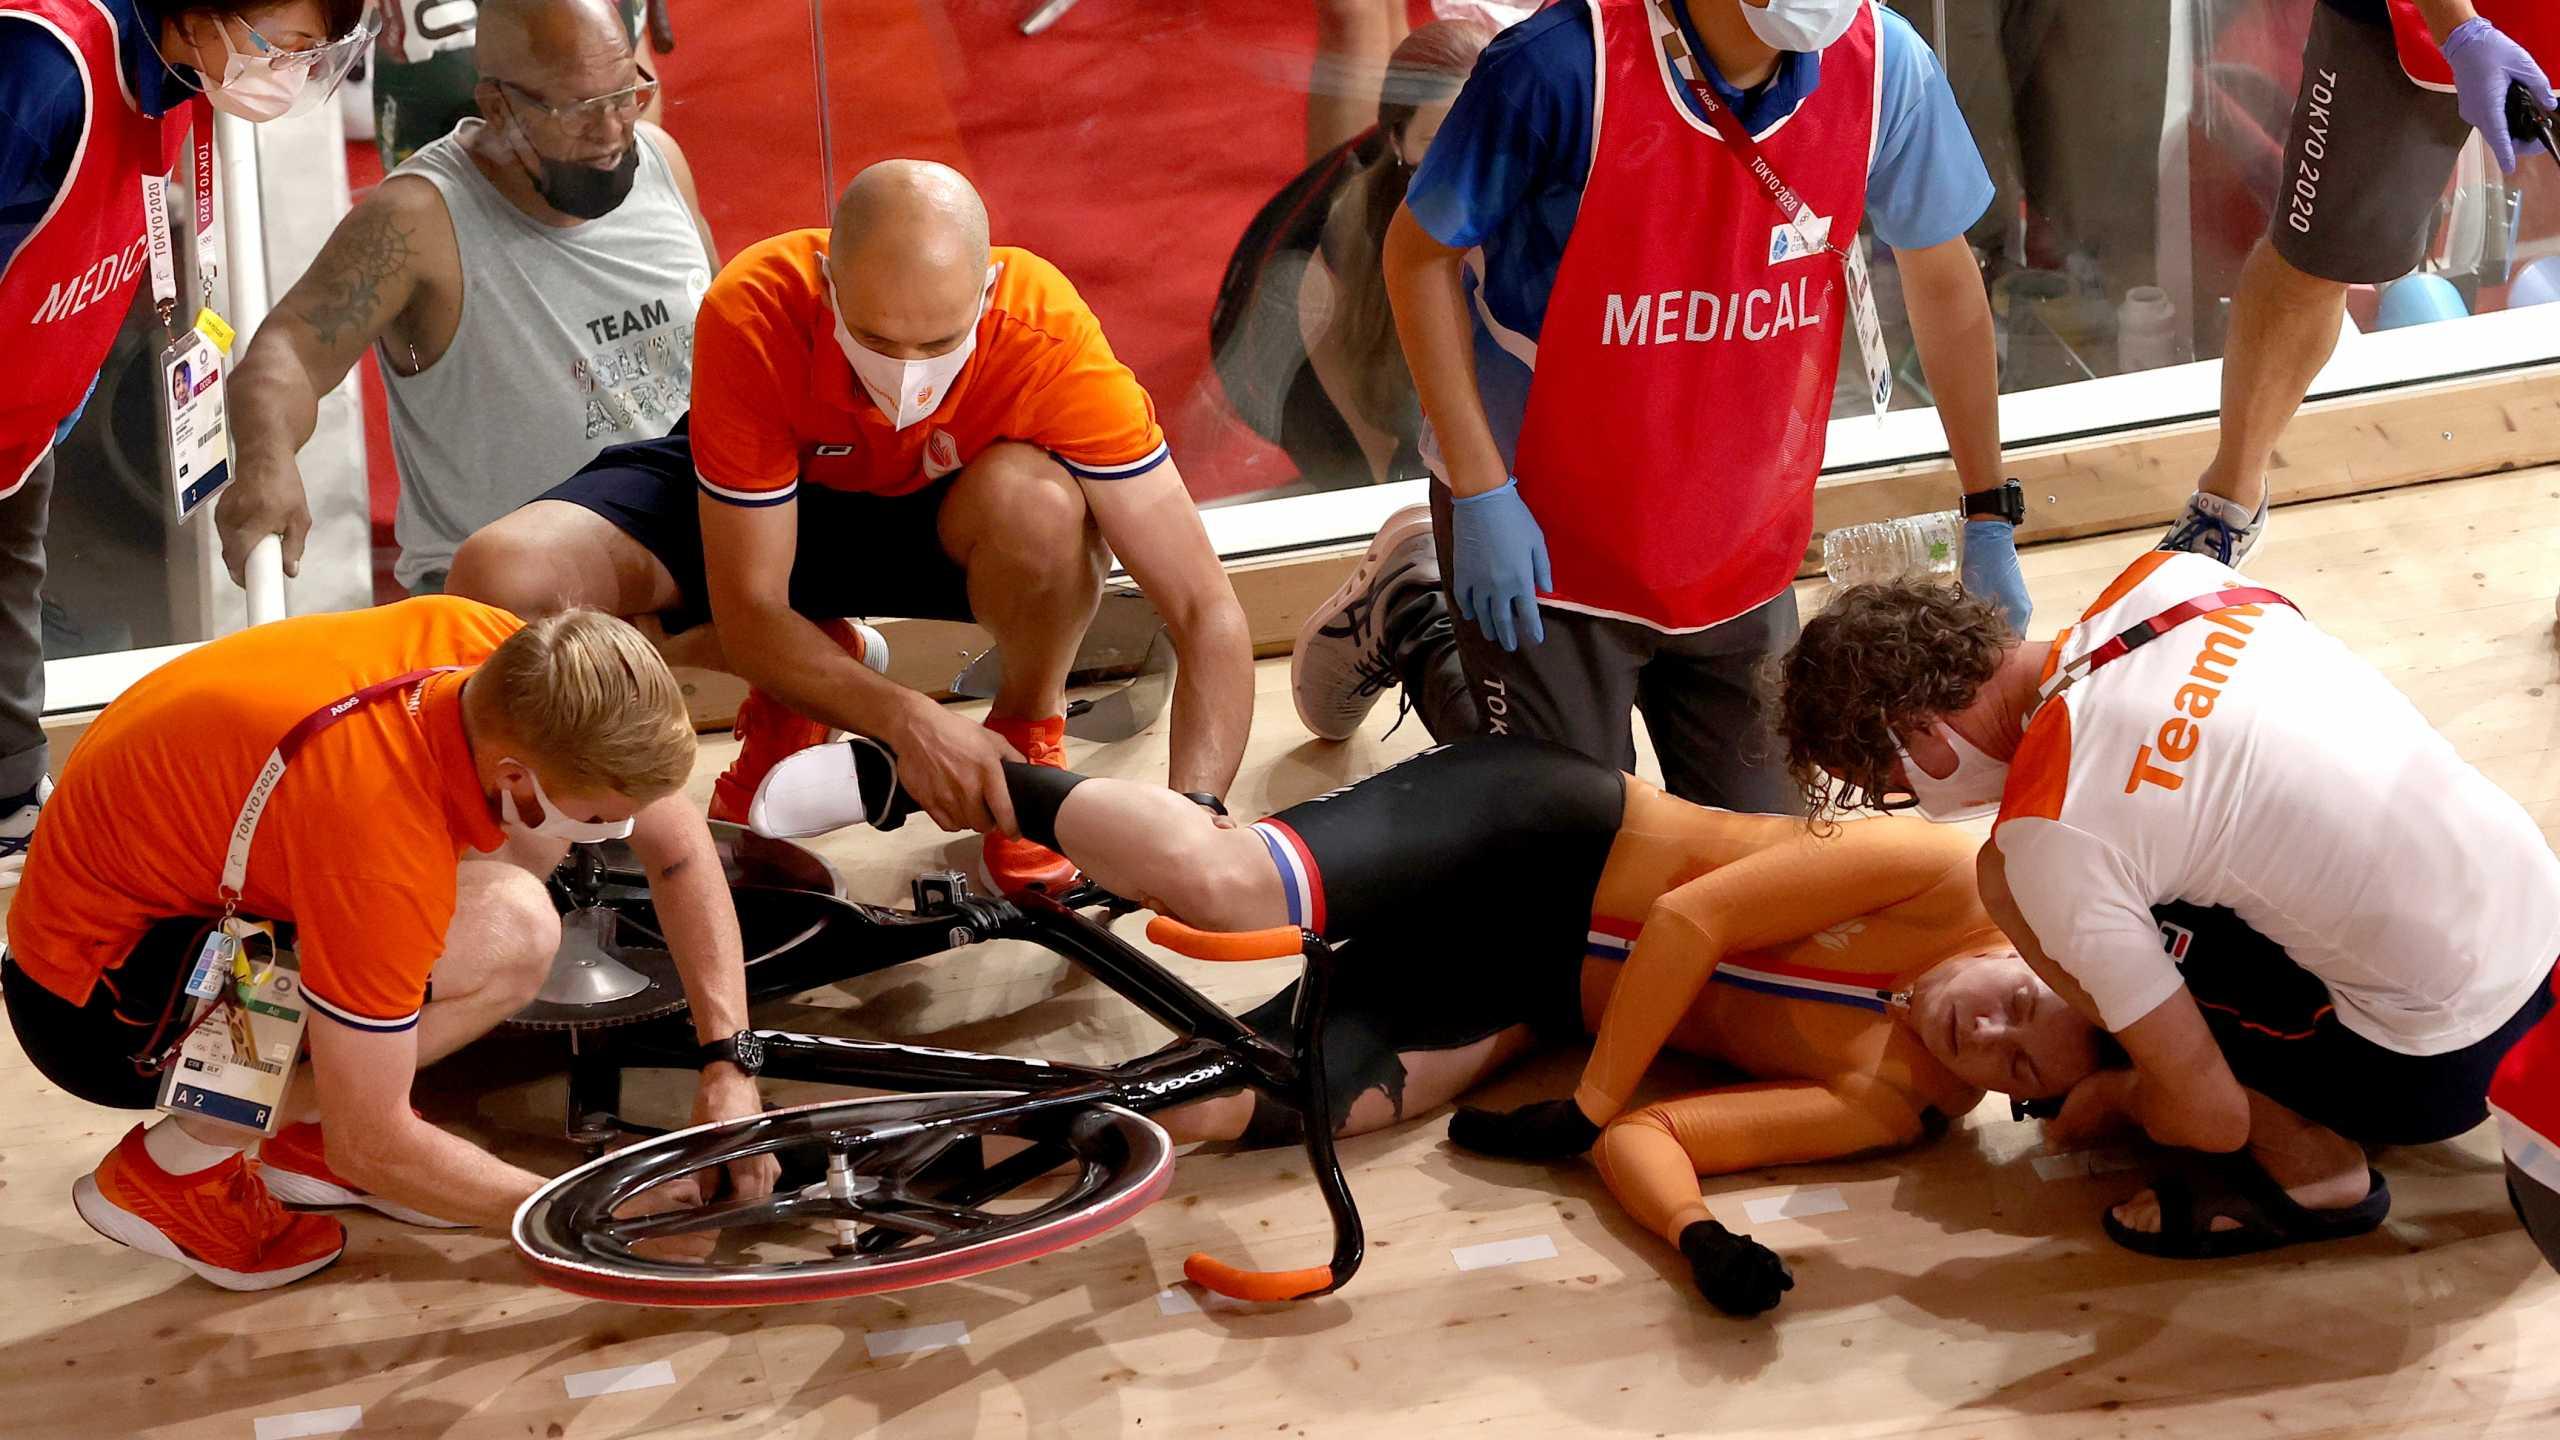 Ολυμπιακοί Αγώνες: Απρόοπτο στην ποδηλασία – Μεταφέρθηκε με φορείο μετά από σύγκρουση